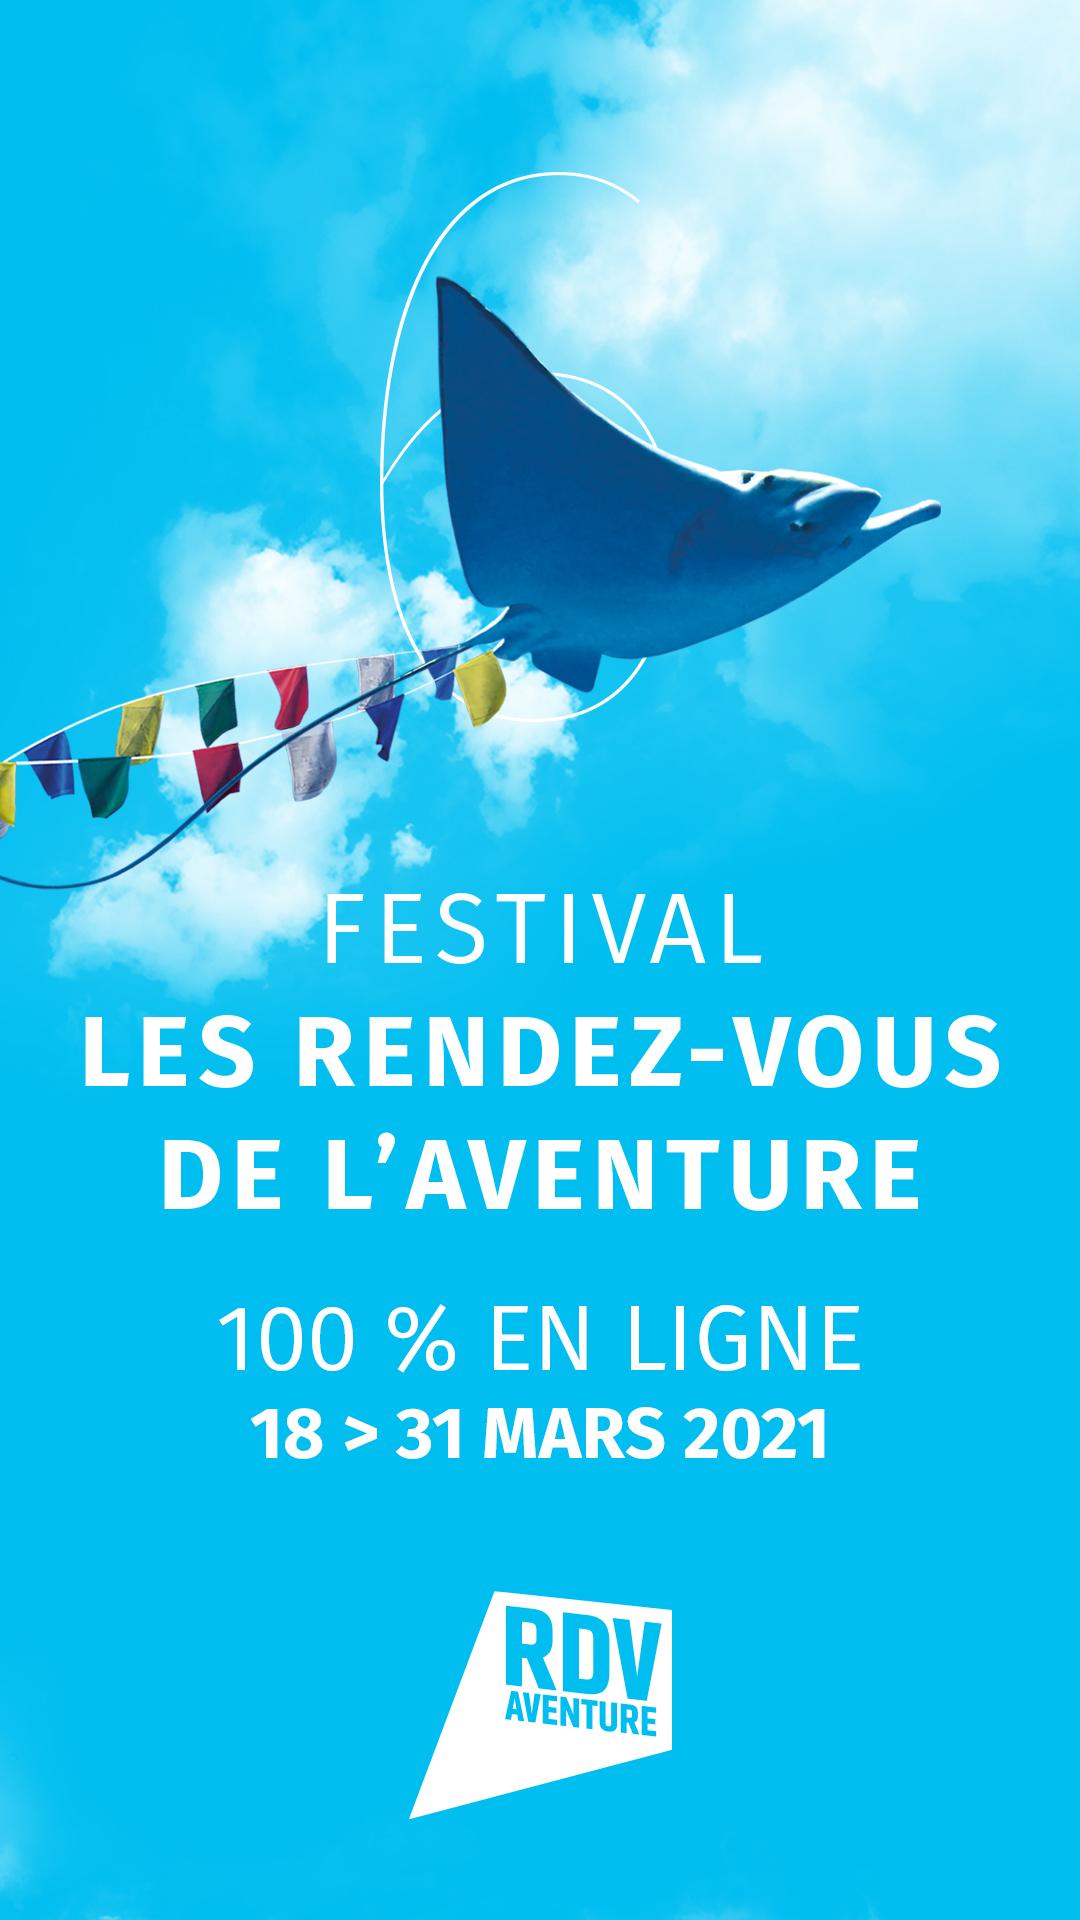 STORY_INSTAGRAM_2021 Festival des Rendez-vous de l'Aventure